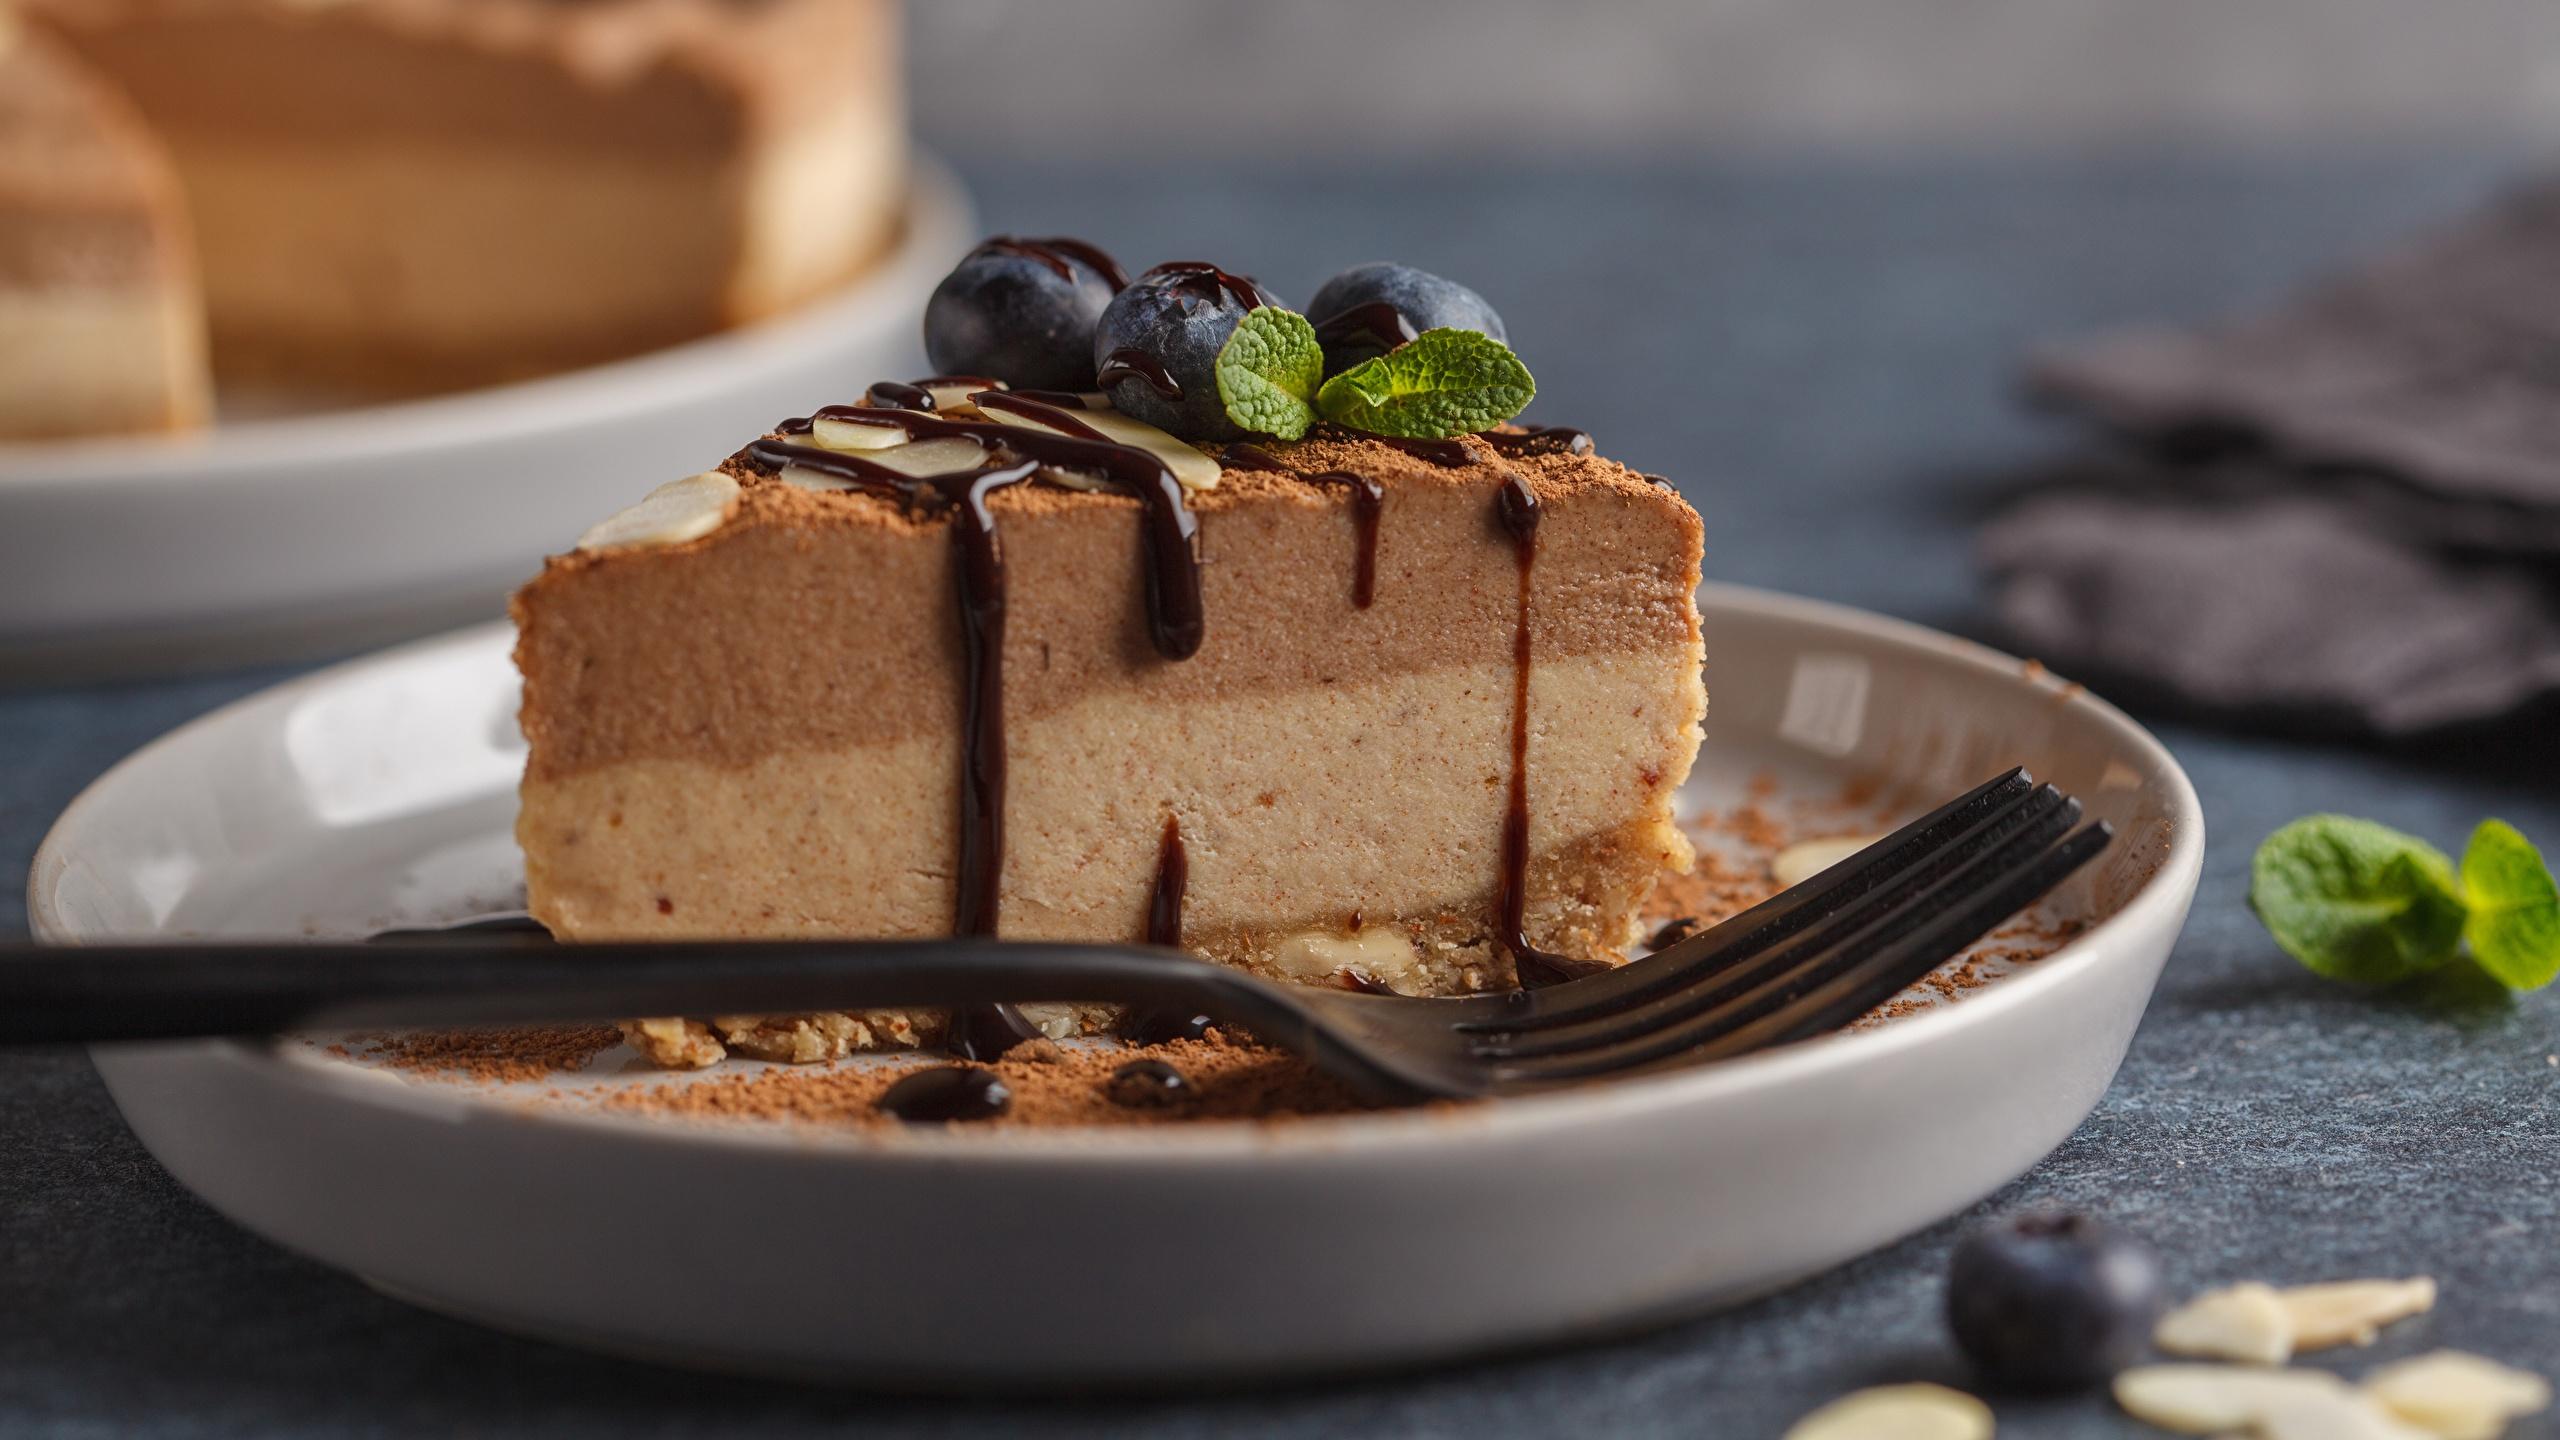 Картинки Шоколад Торты кусочек Пища Вилка столовая 2560x1440 часть Кусок кусочки Еда вилки Продукты питания